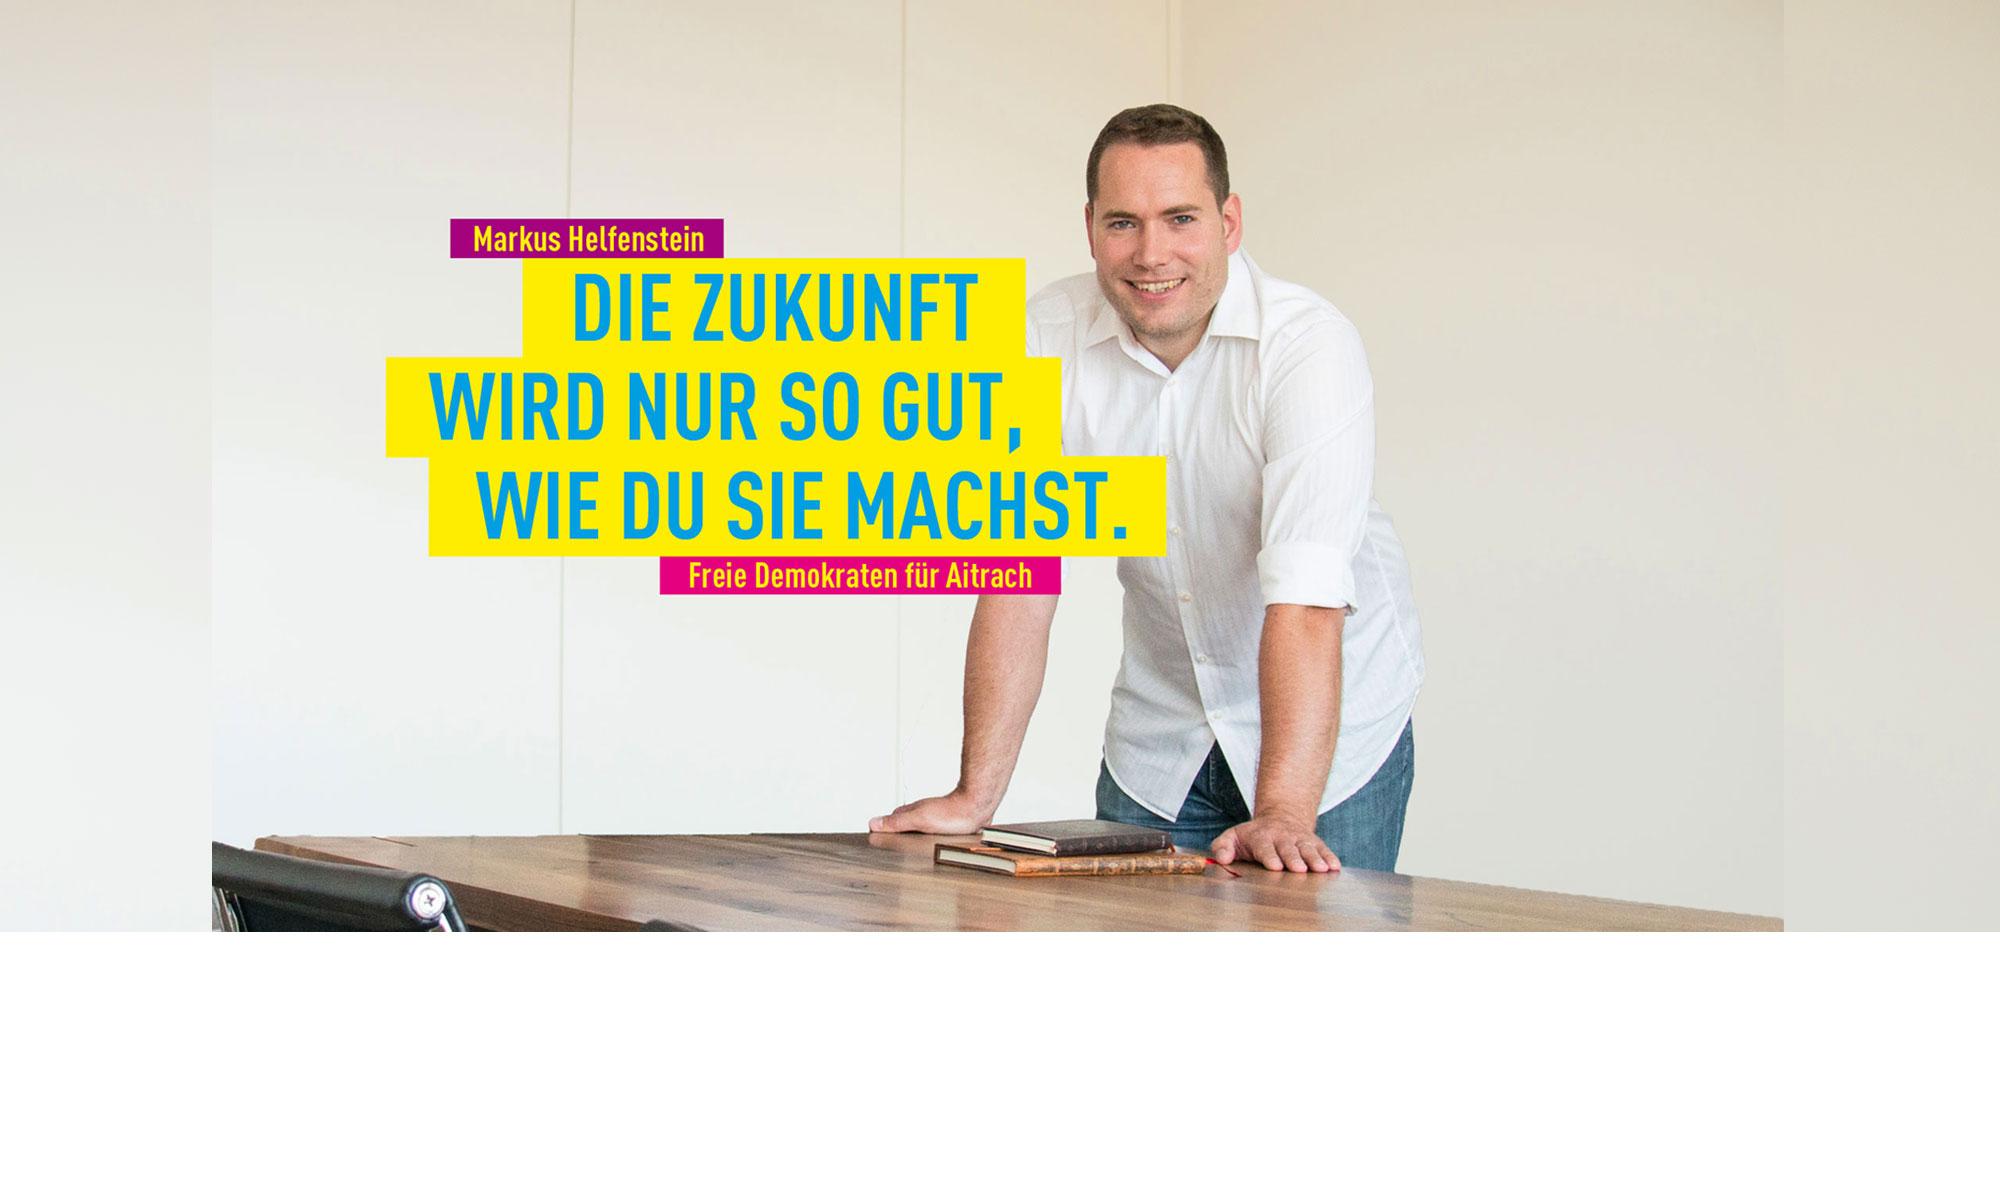 Markus Helfenstein